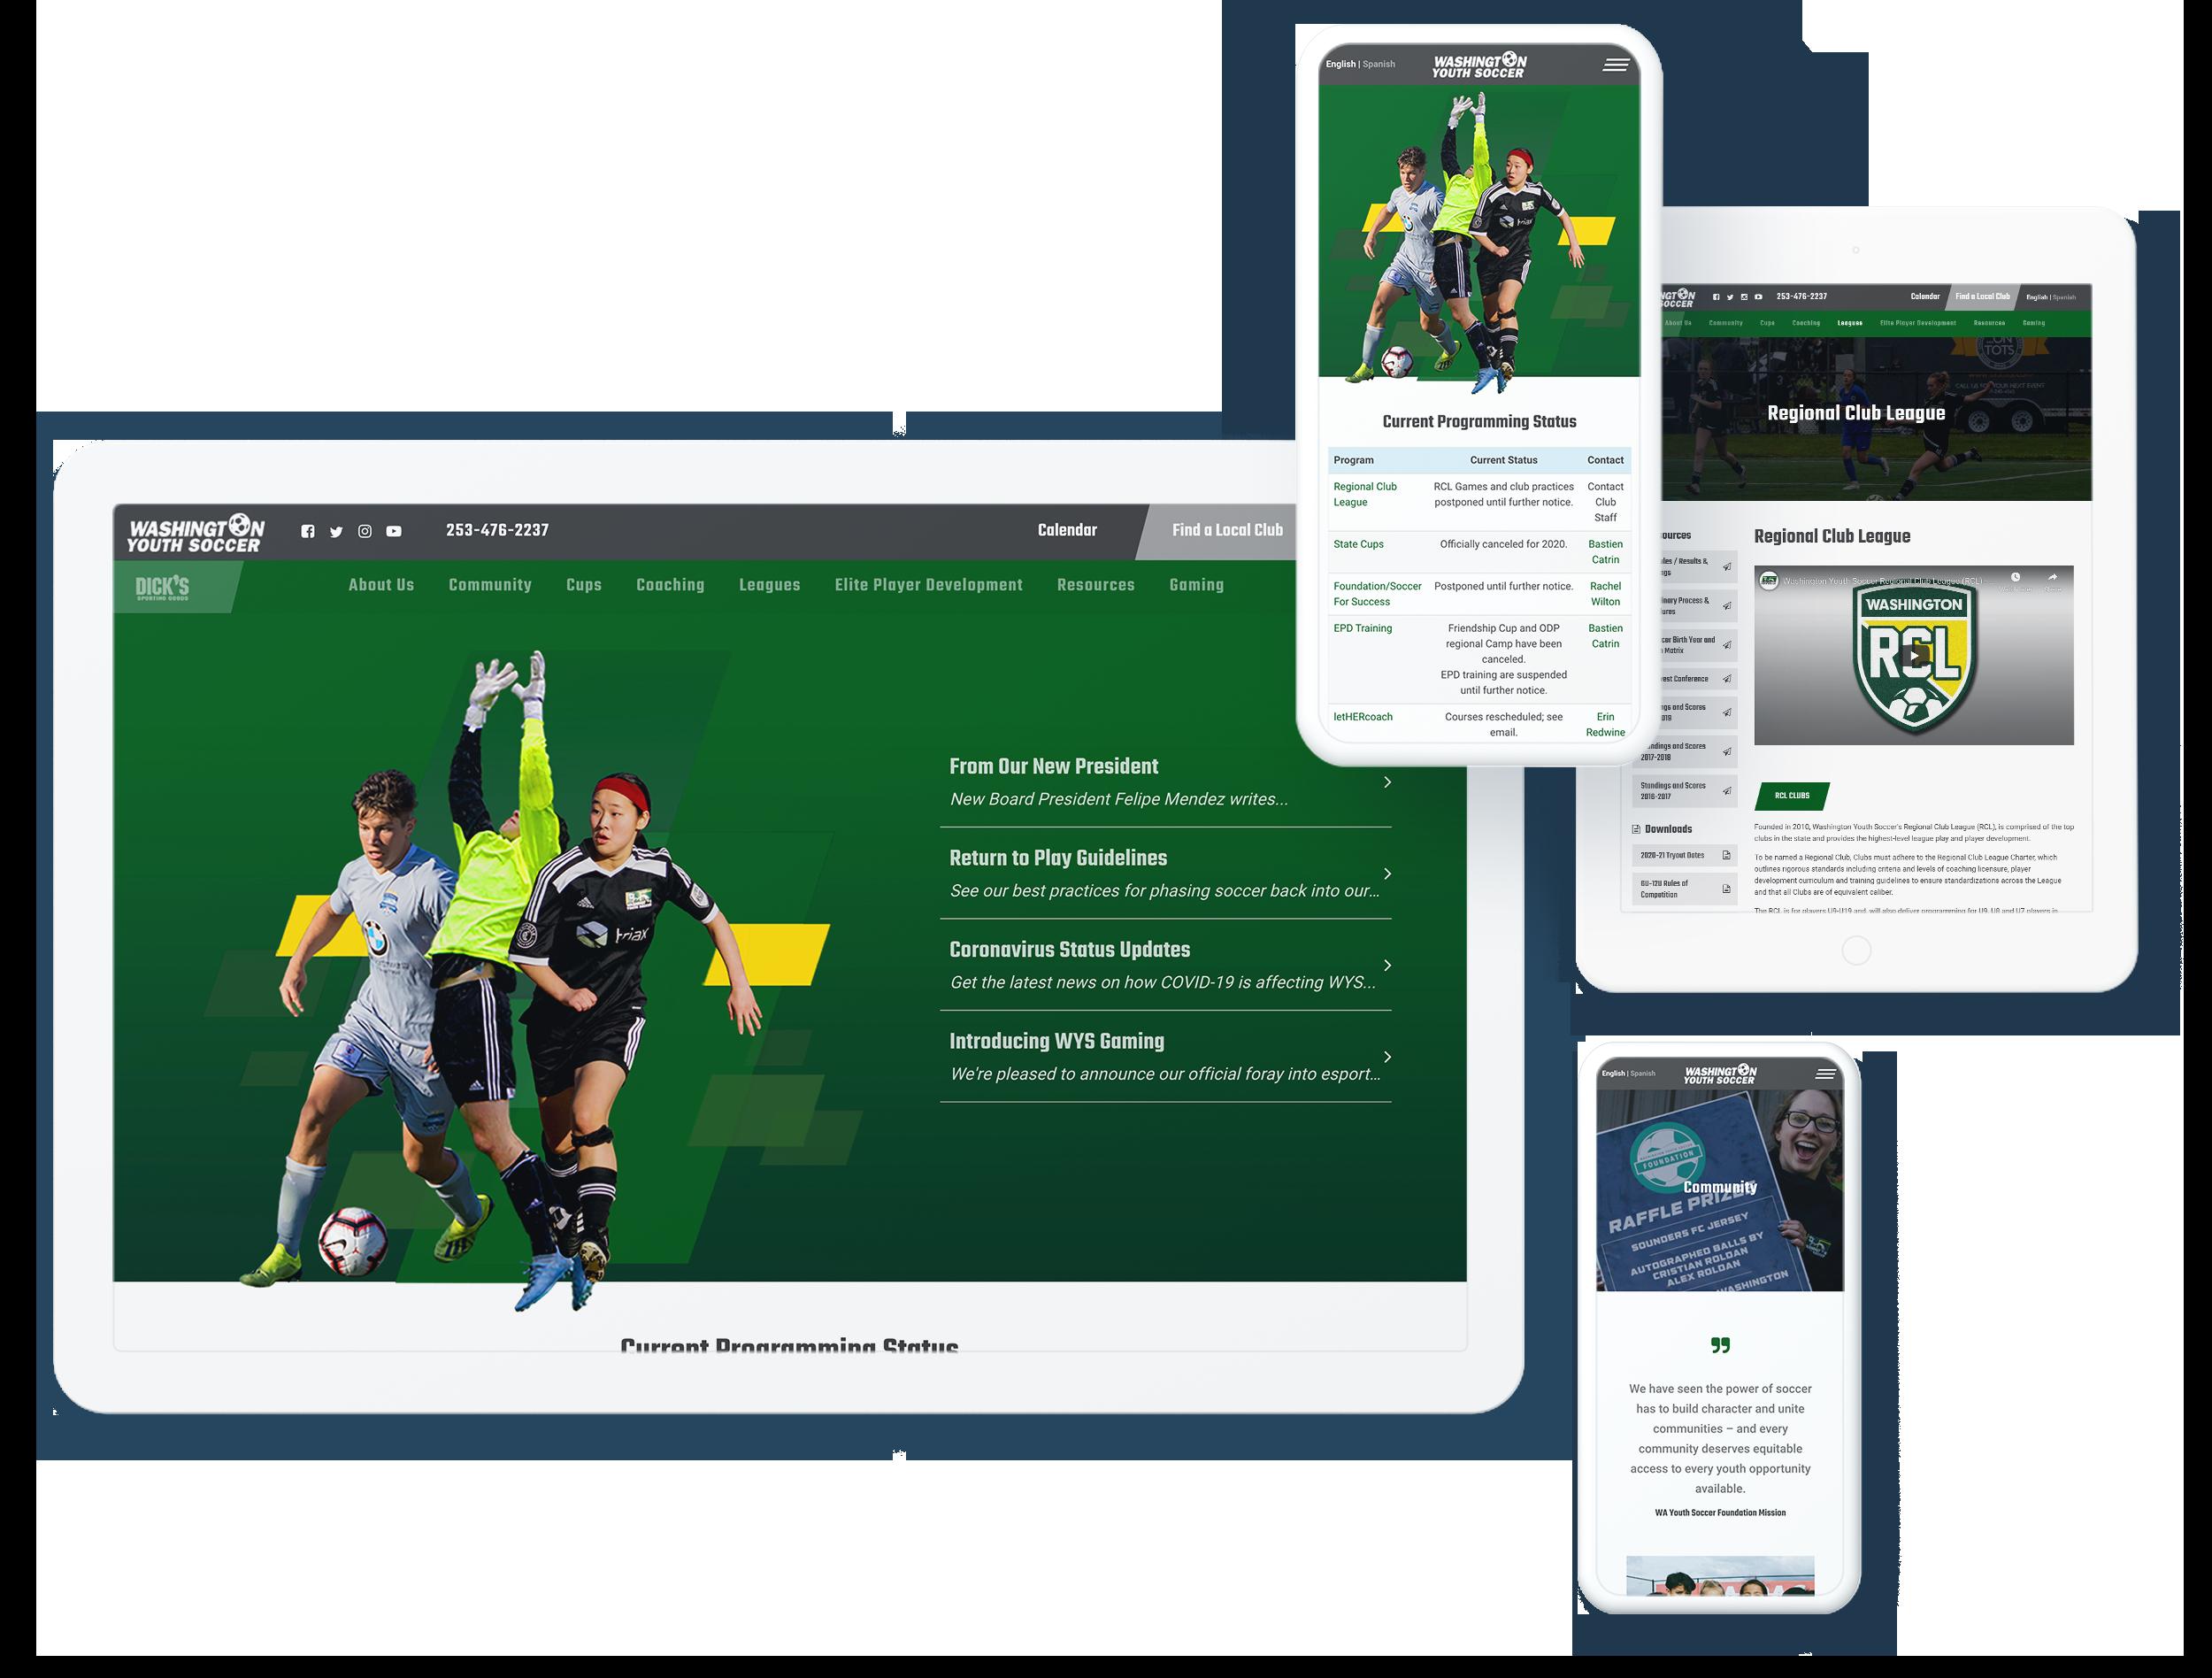 washington youth soccer spotlight